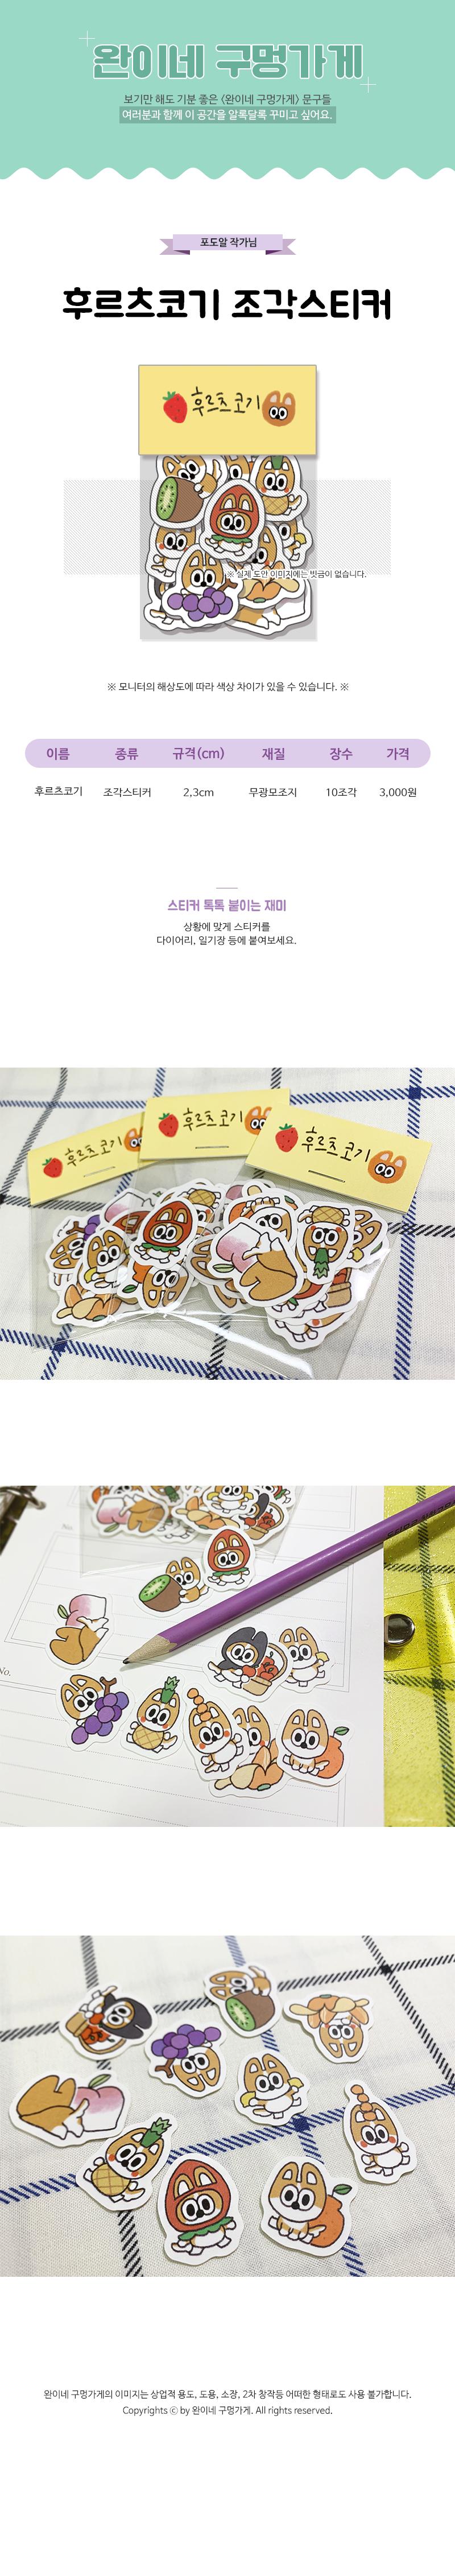 sticker603